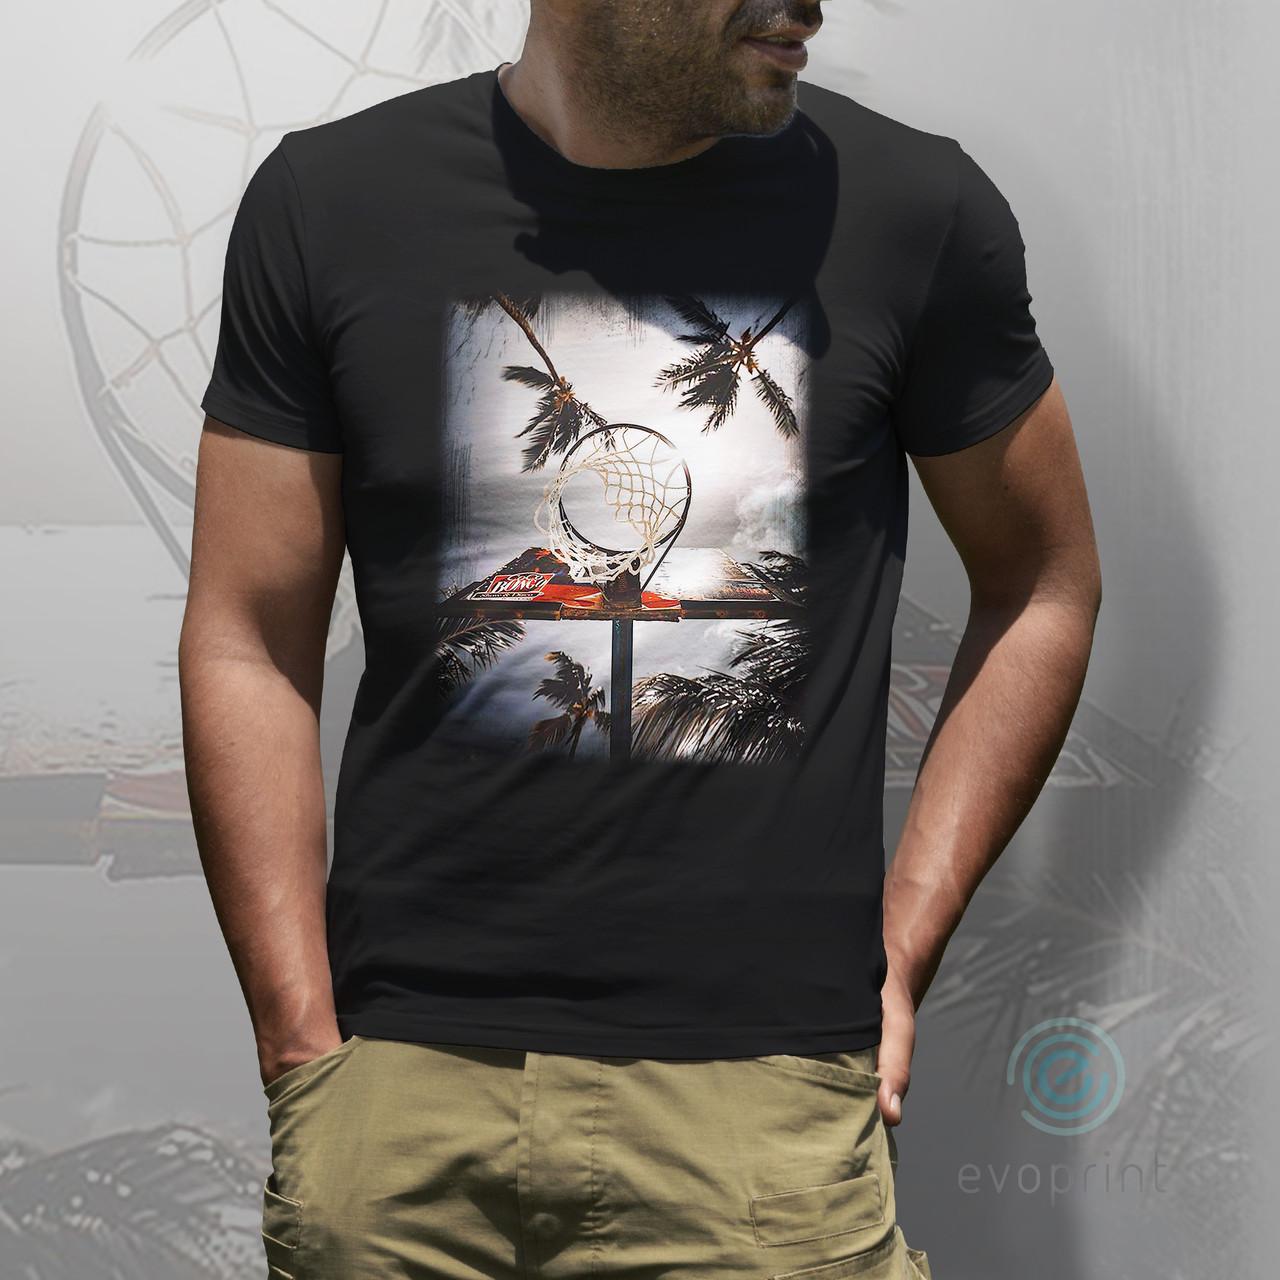 Качественная печать на черных футболках